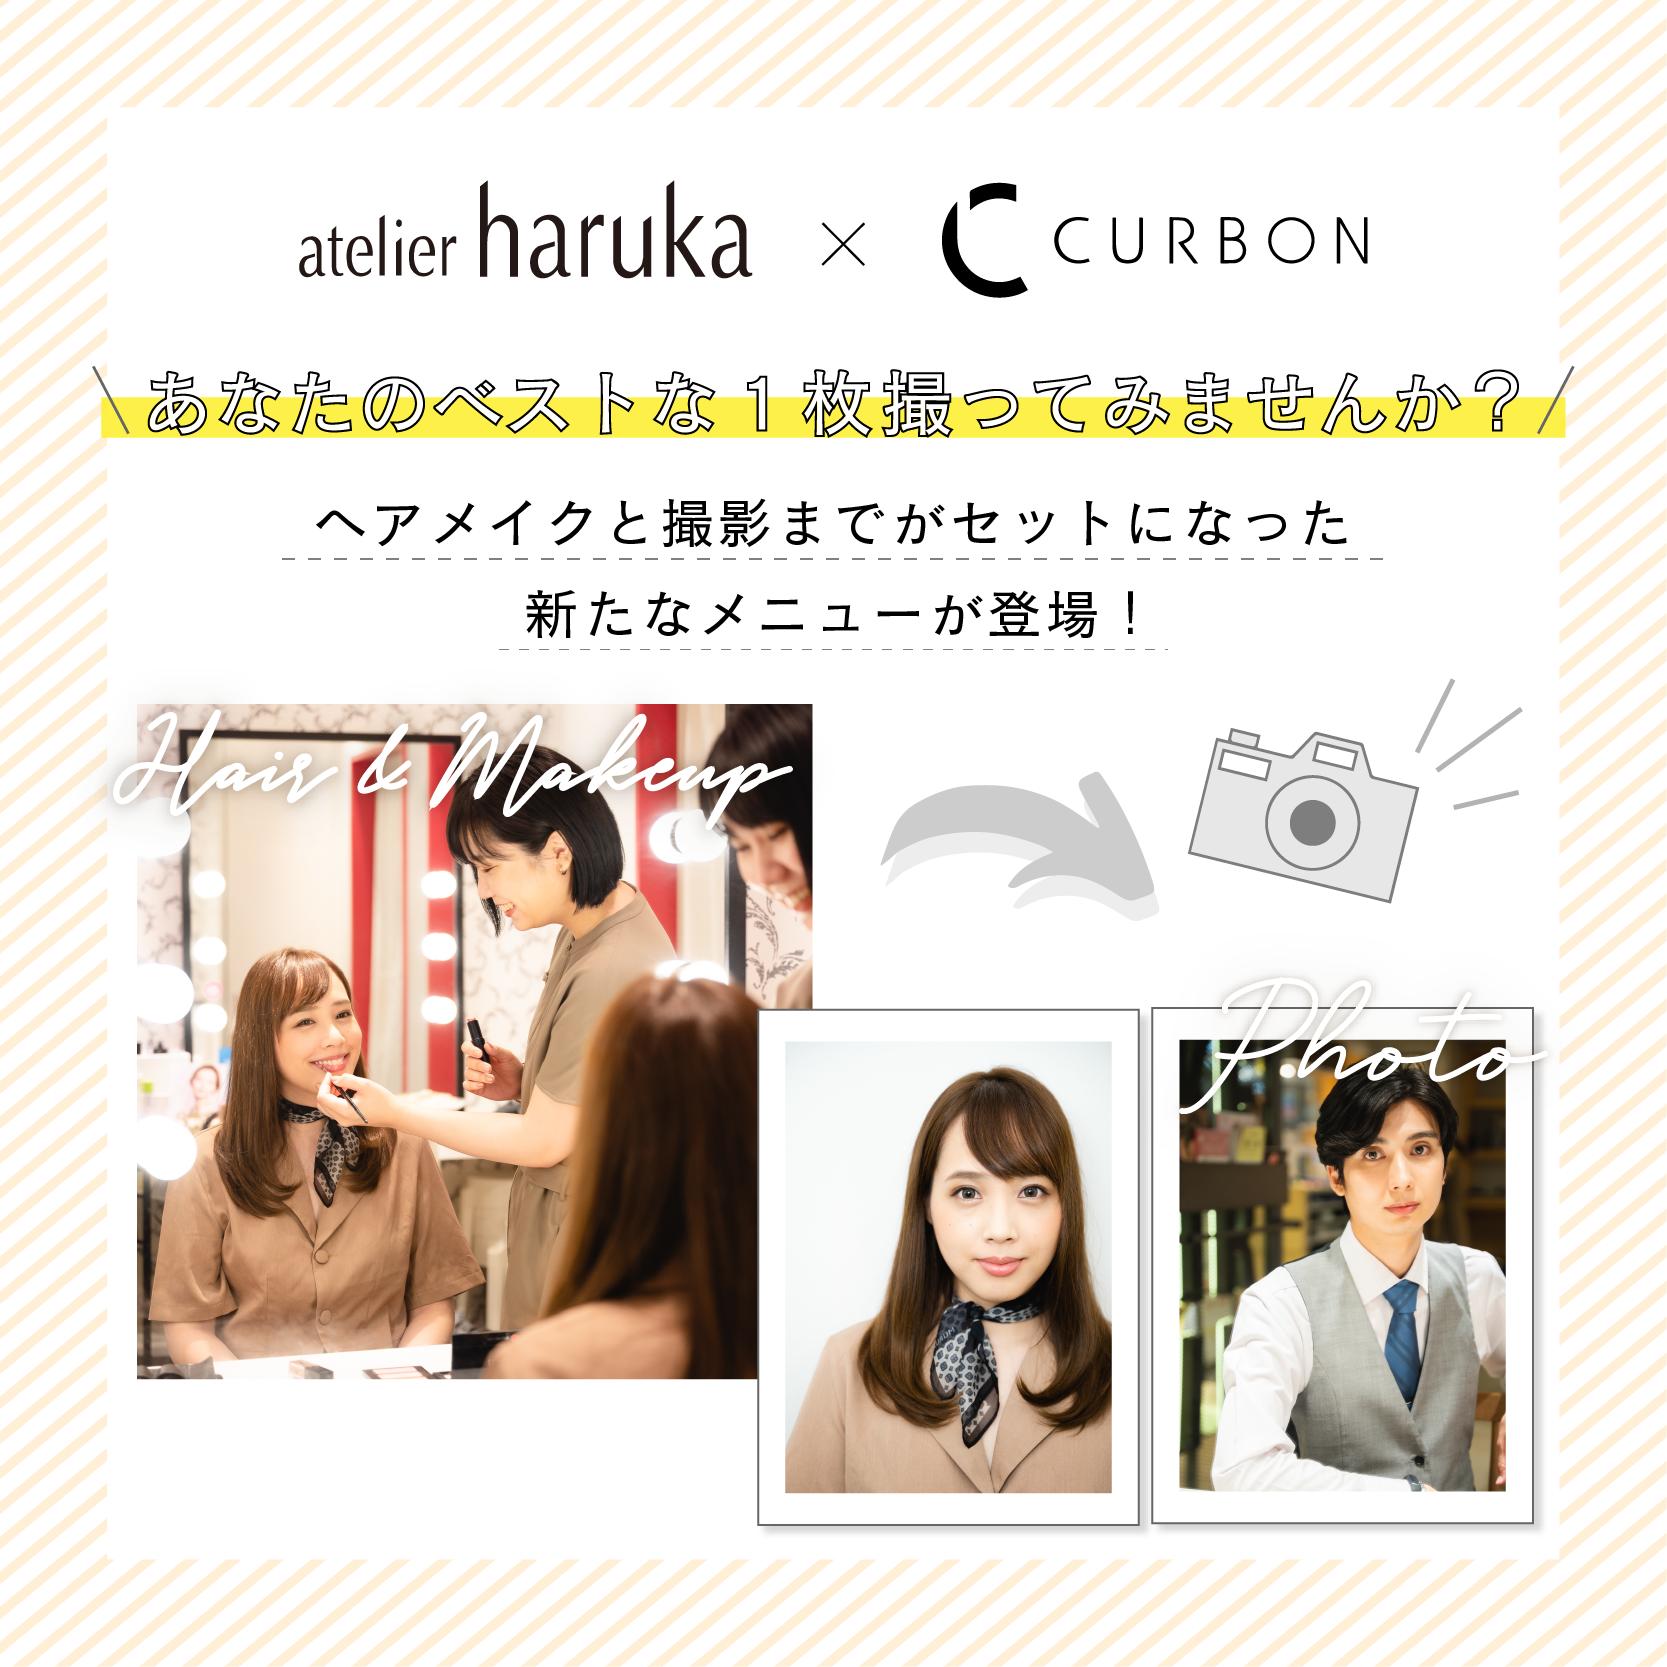 【アトリエはるか×CURBON】撮影付きヘアメイクプランが期間限定で登場!!